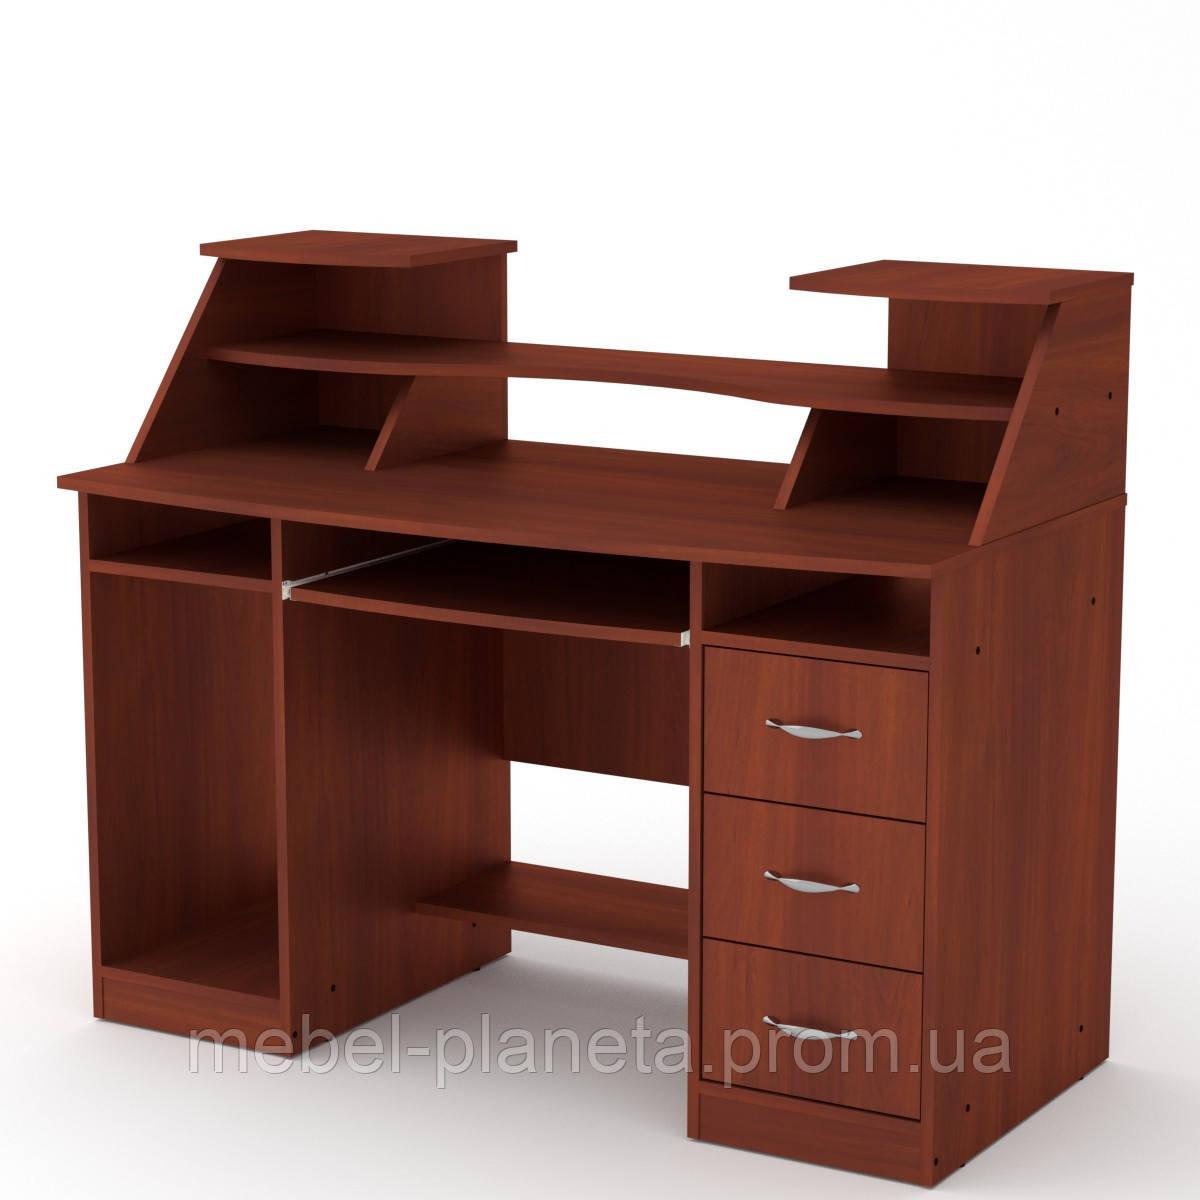 Компьютерный стол Комфорт 5 Компанит